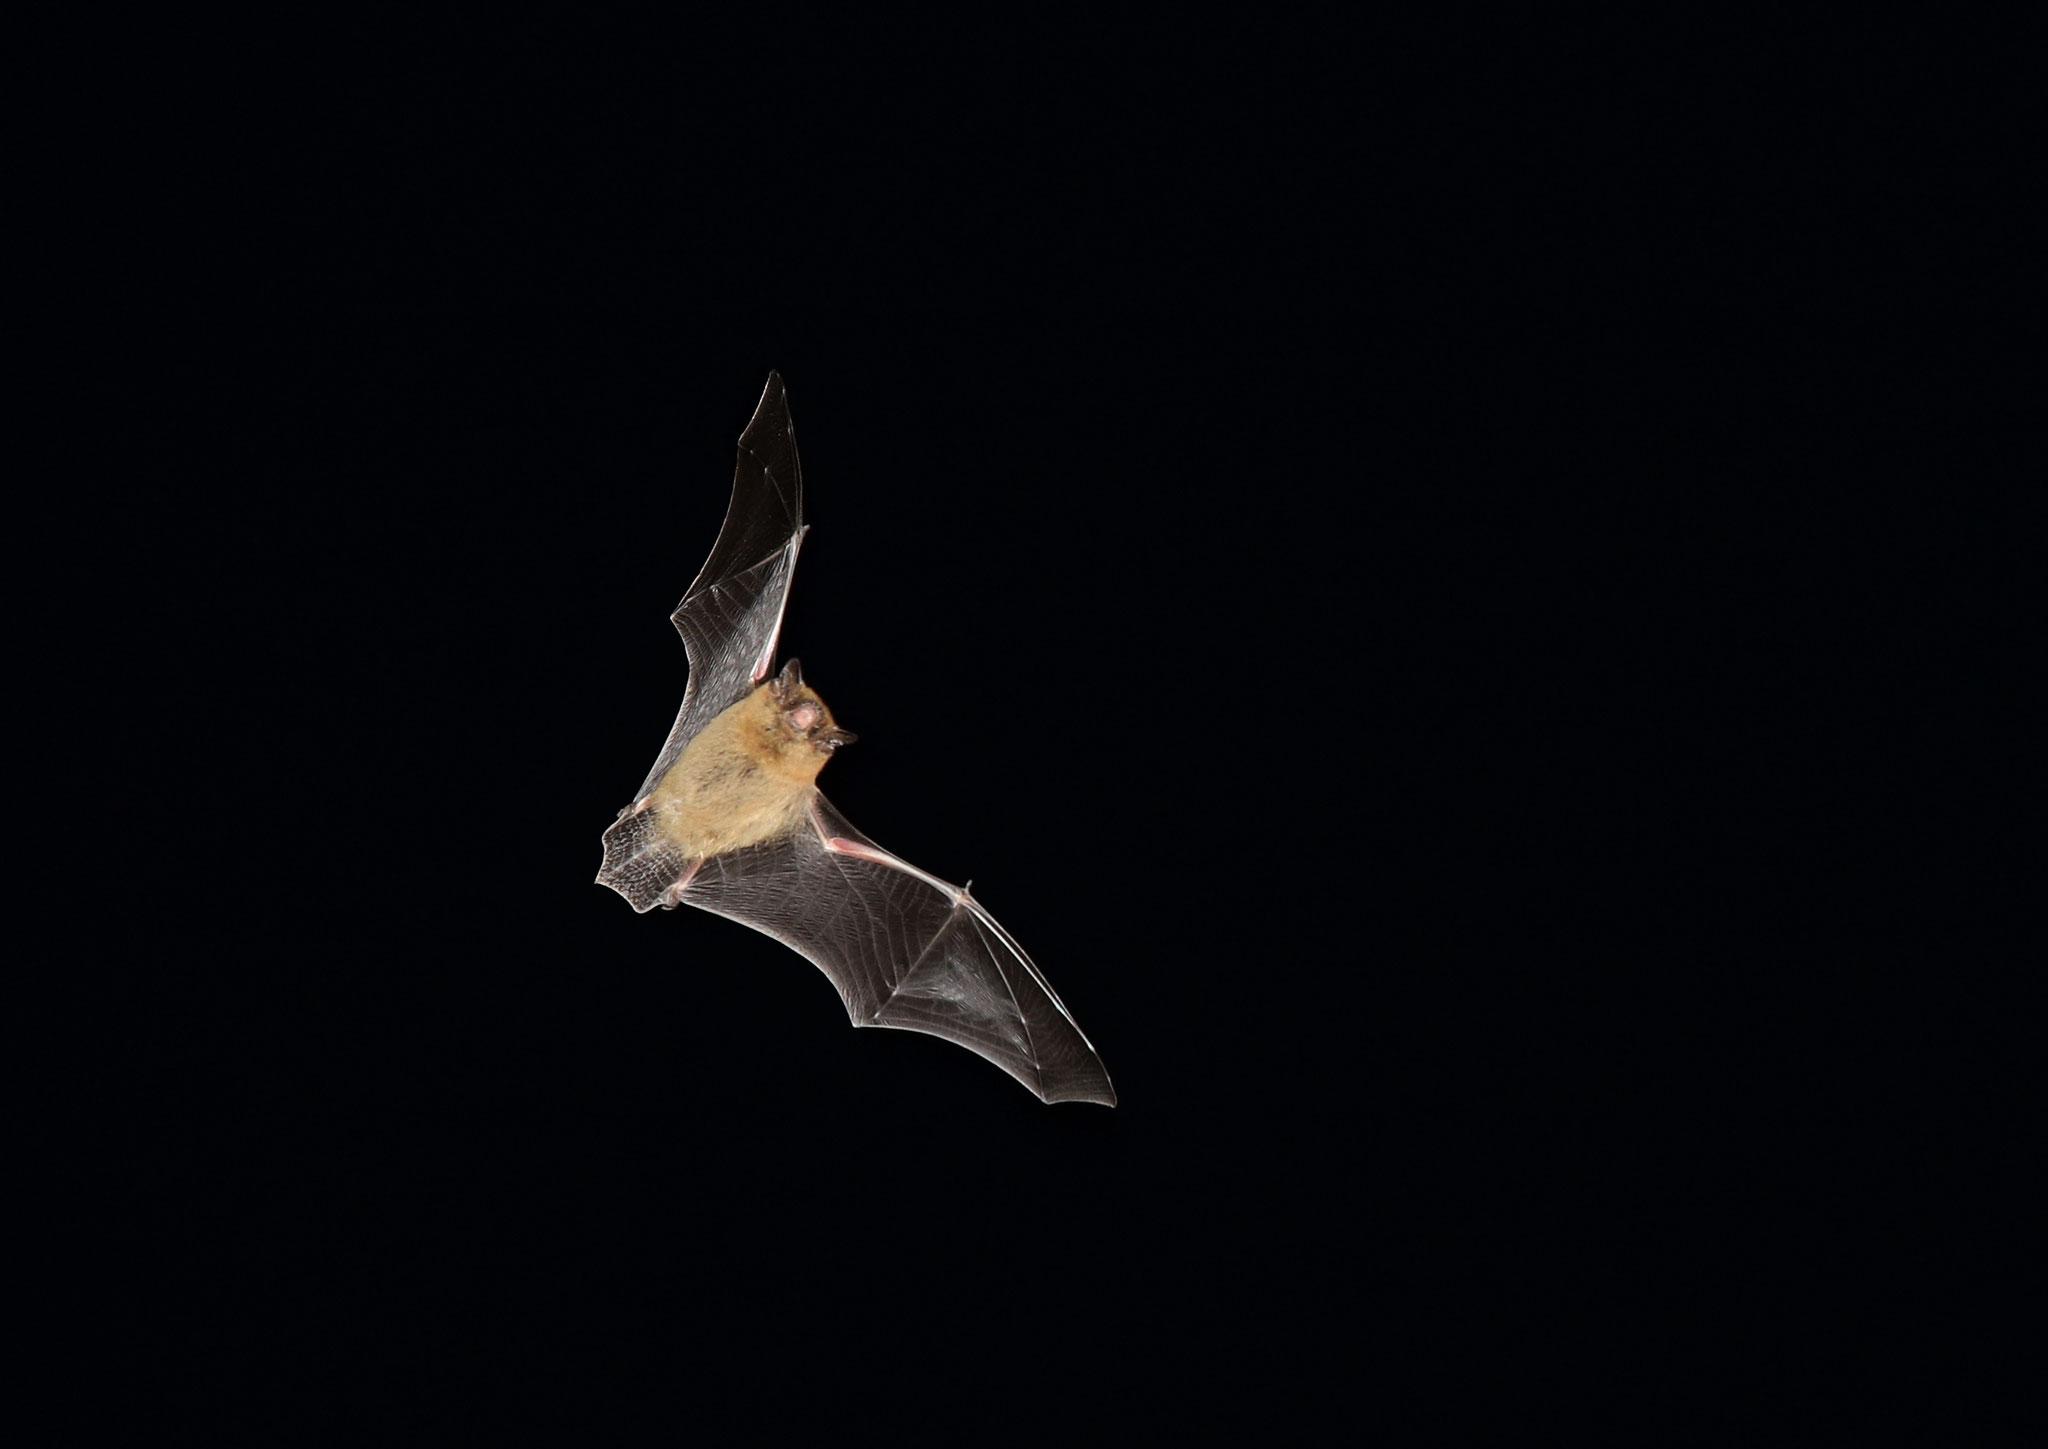 TOP 20: Mit Hilfe einer Lichtschranke gelang Harald Becker aus Gau-Odernheim dieses faszinierende Bild einer Zwergfledermaus im Flug.